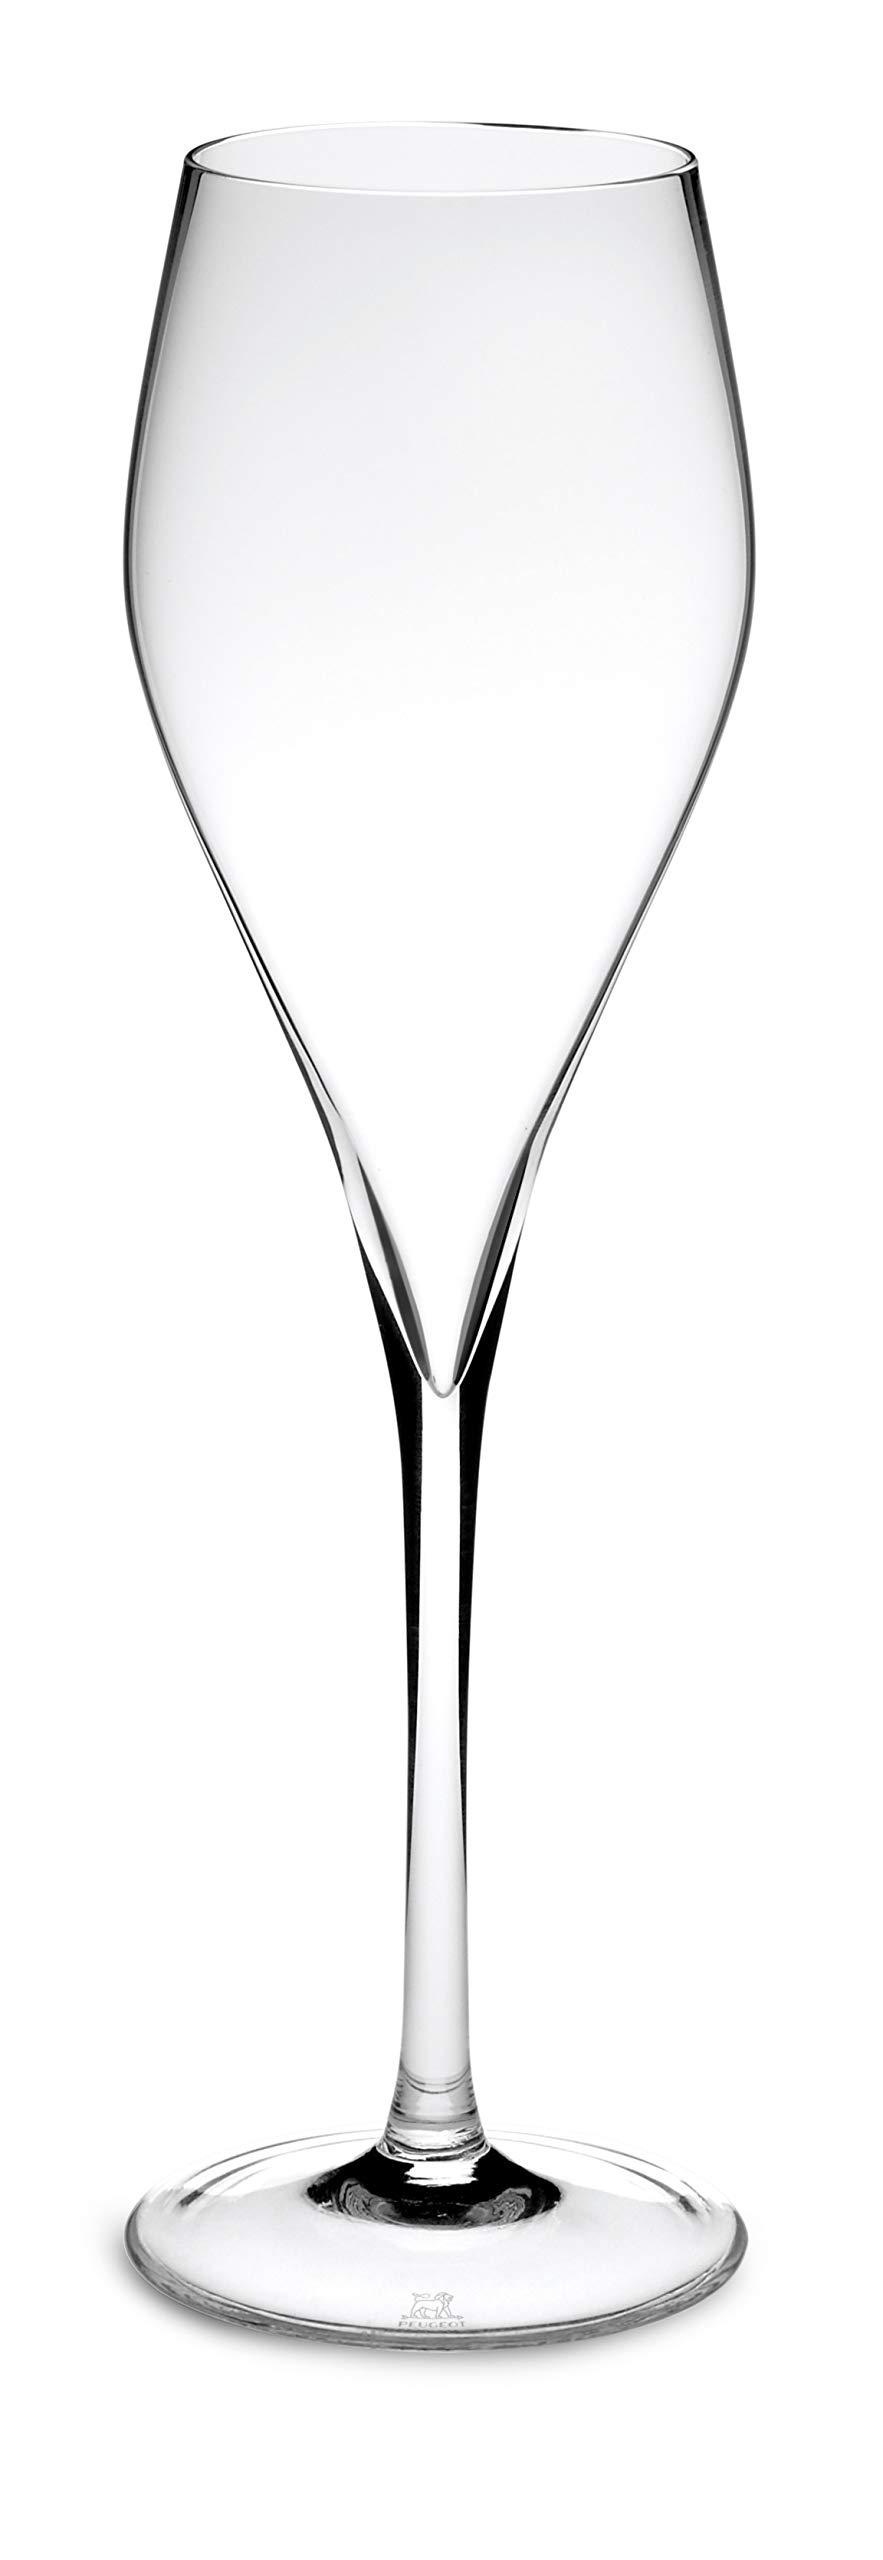 Peugeot 250195 Esprit Champagne - Juego de 4 copas de champán product image